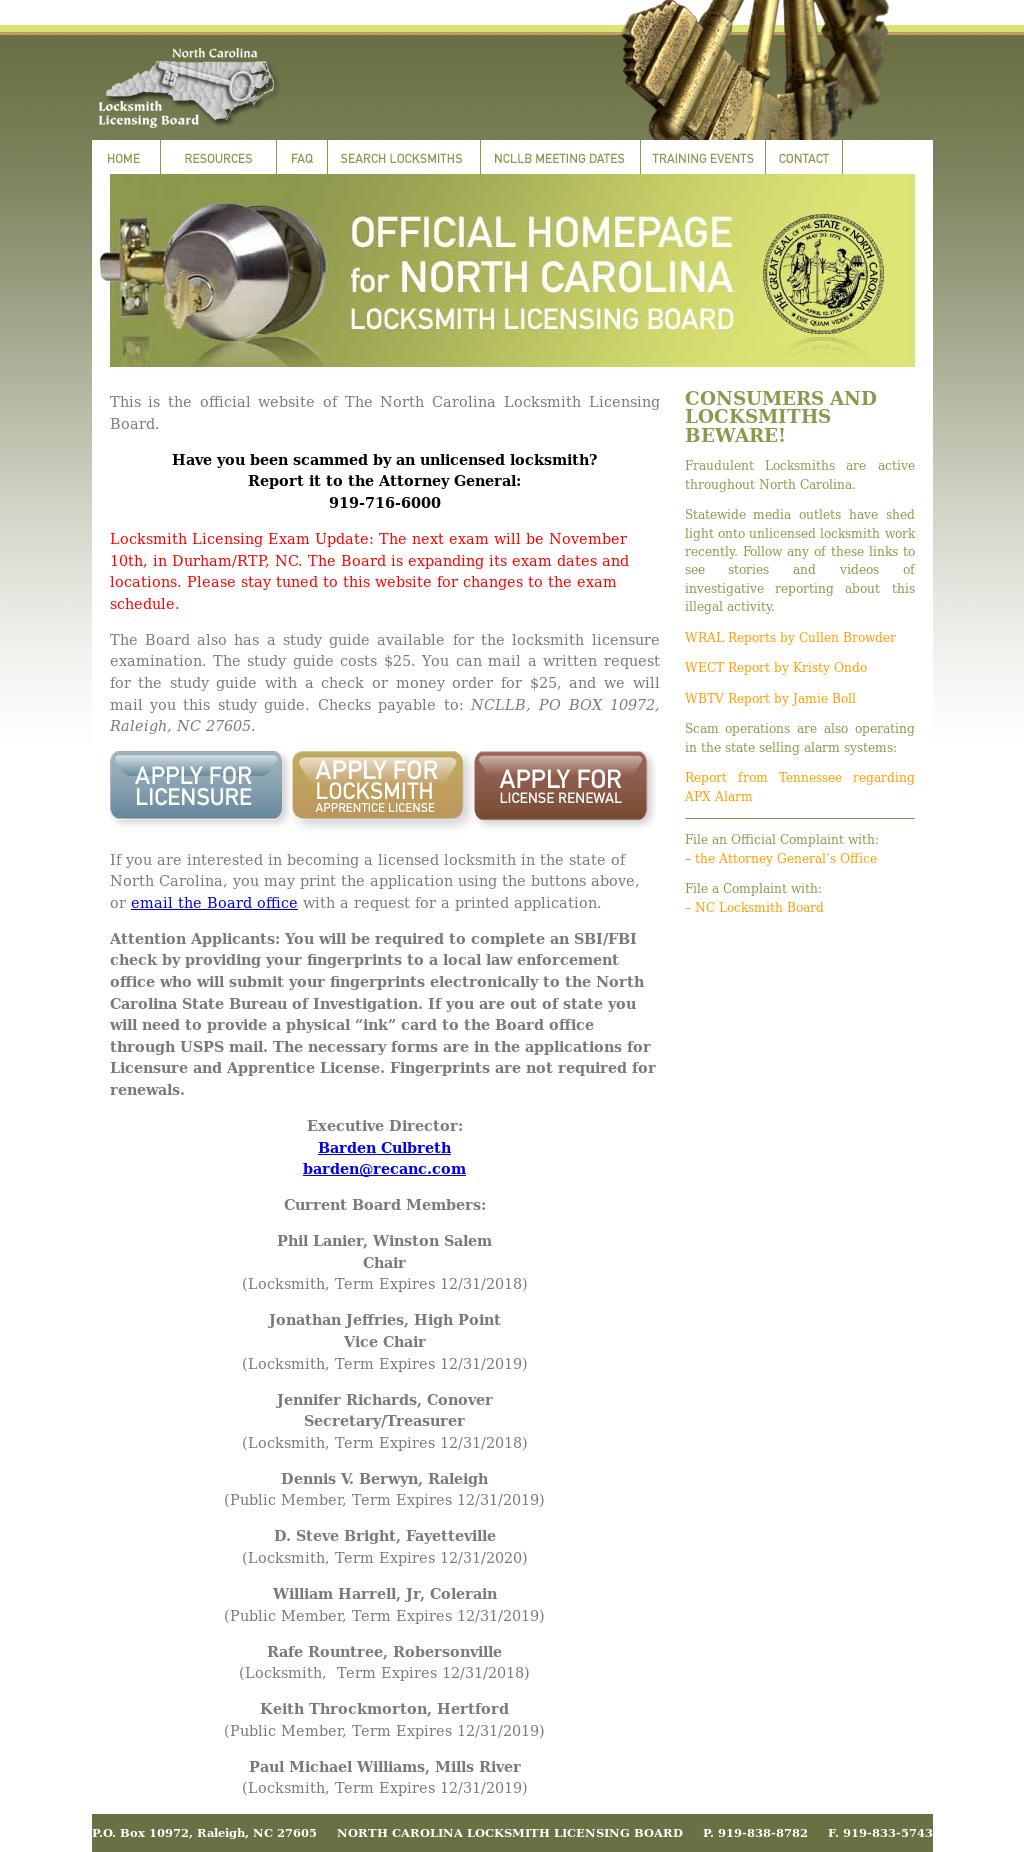 North Carolina Locksmith Licensing Board Competitors, Revenue and